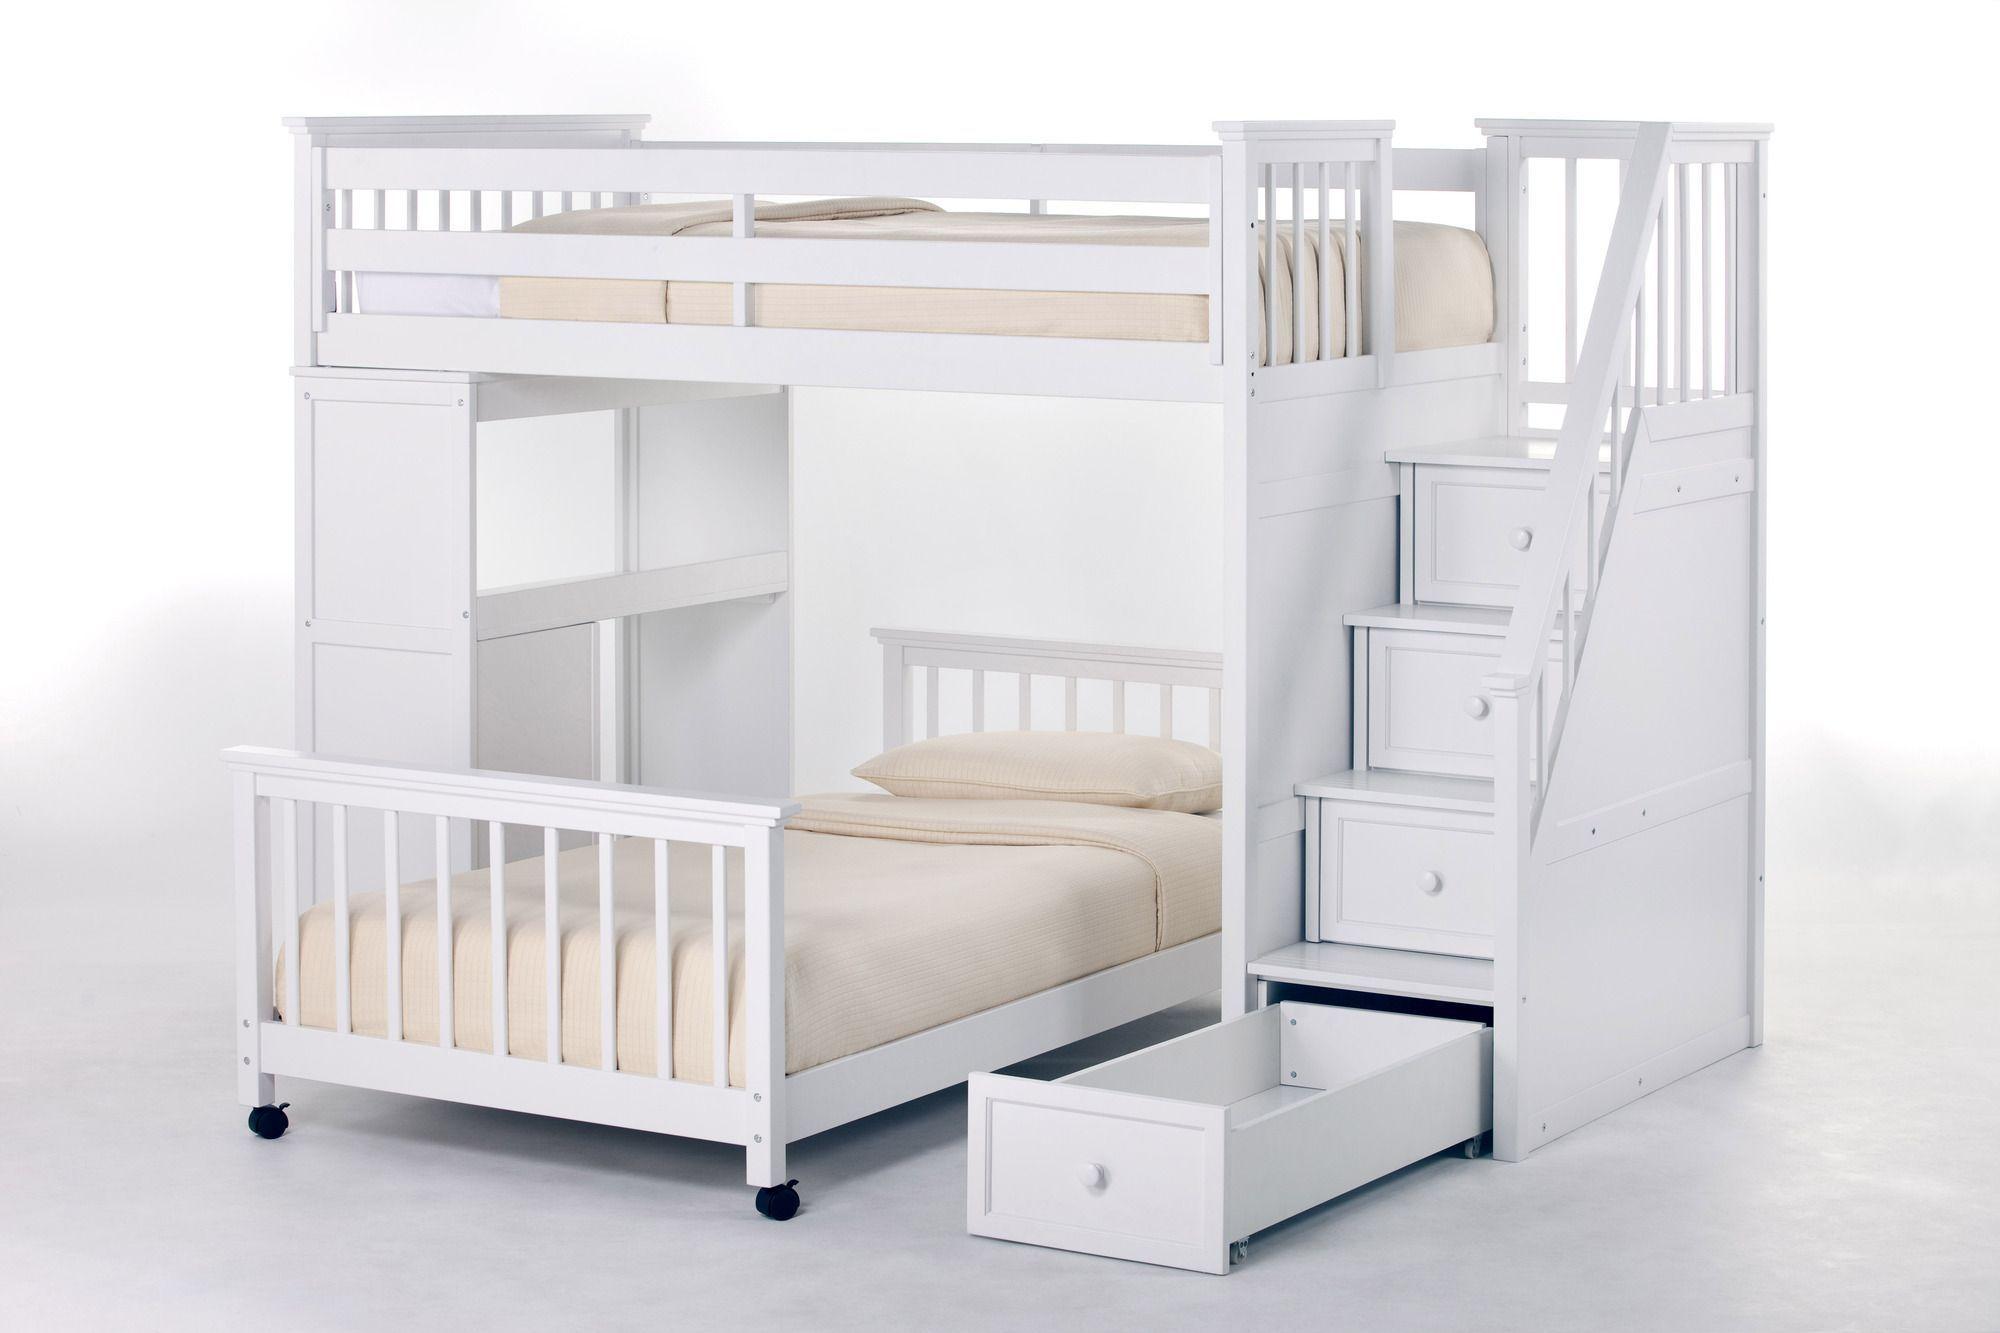 Hochbett Kinderbett Unter Bett Loft Betten Etagenbett